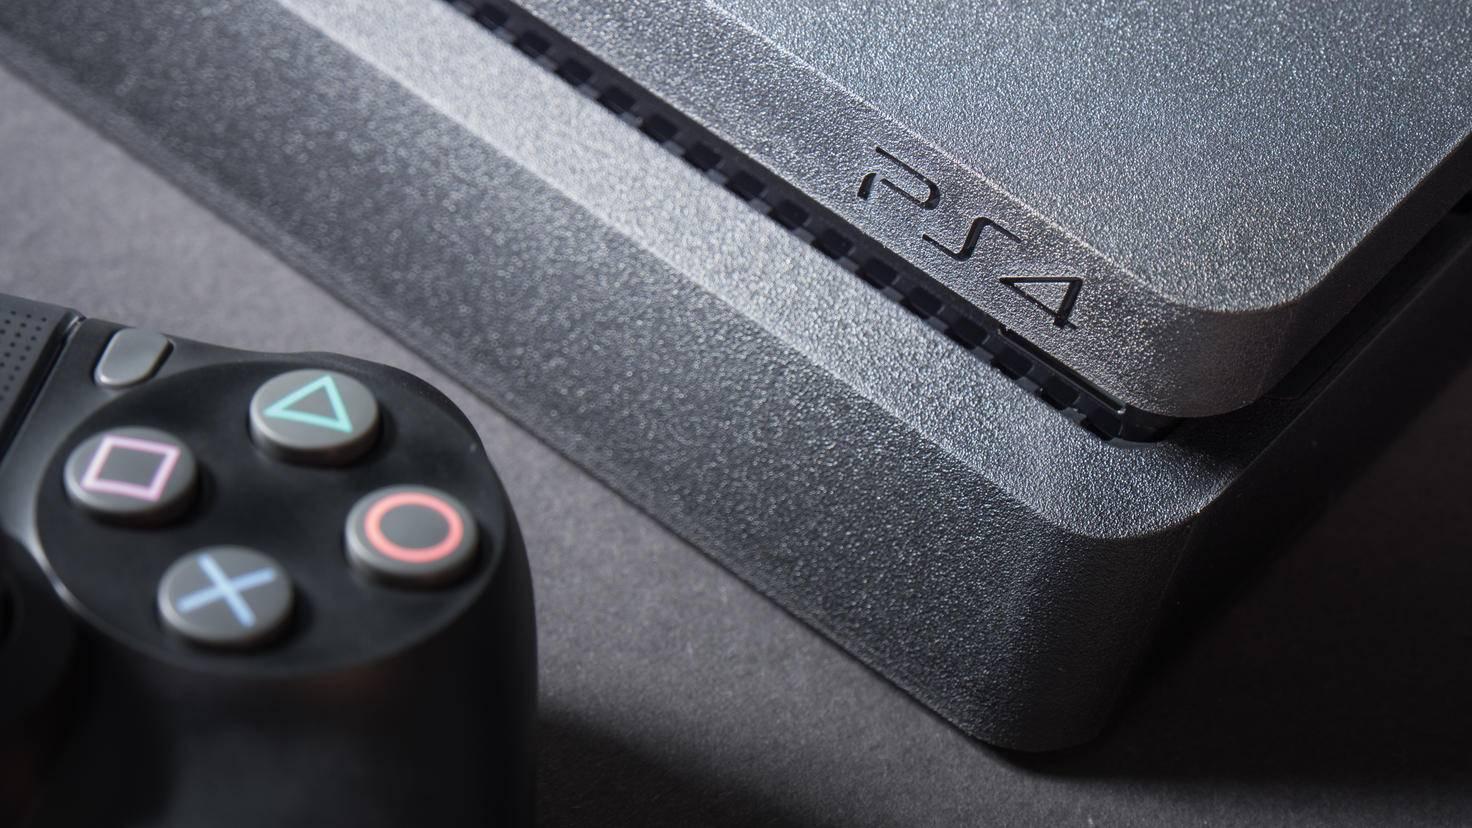 PS4, PS4 Slim und PS4 Pro sind seit dem Firmware-Update 4.0 allesamt HDR-fähig.